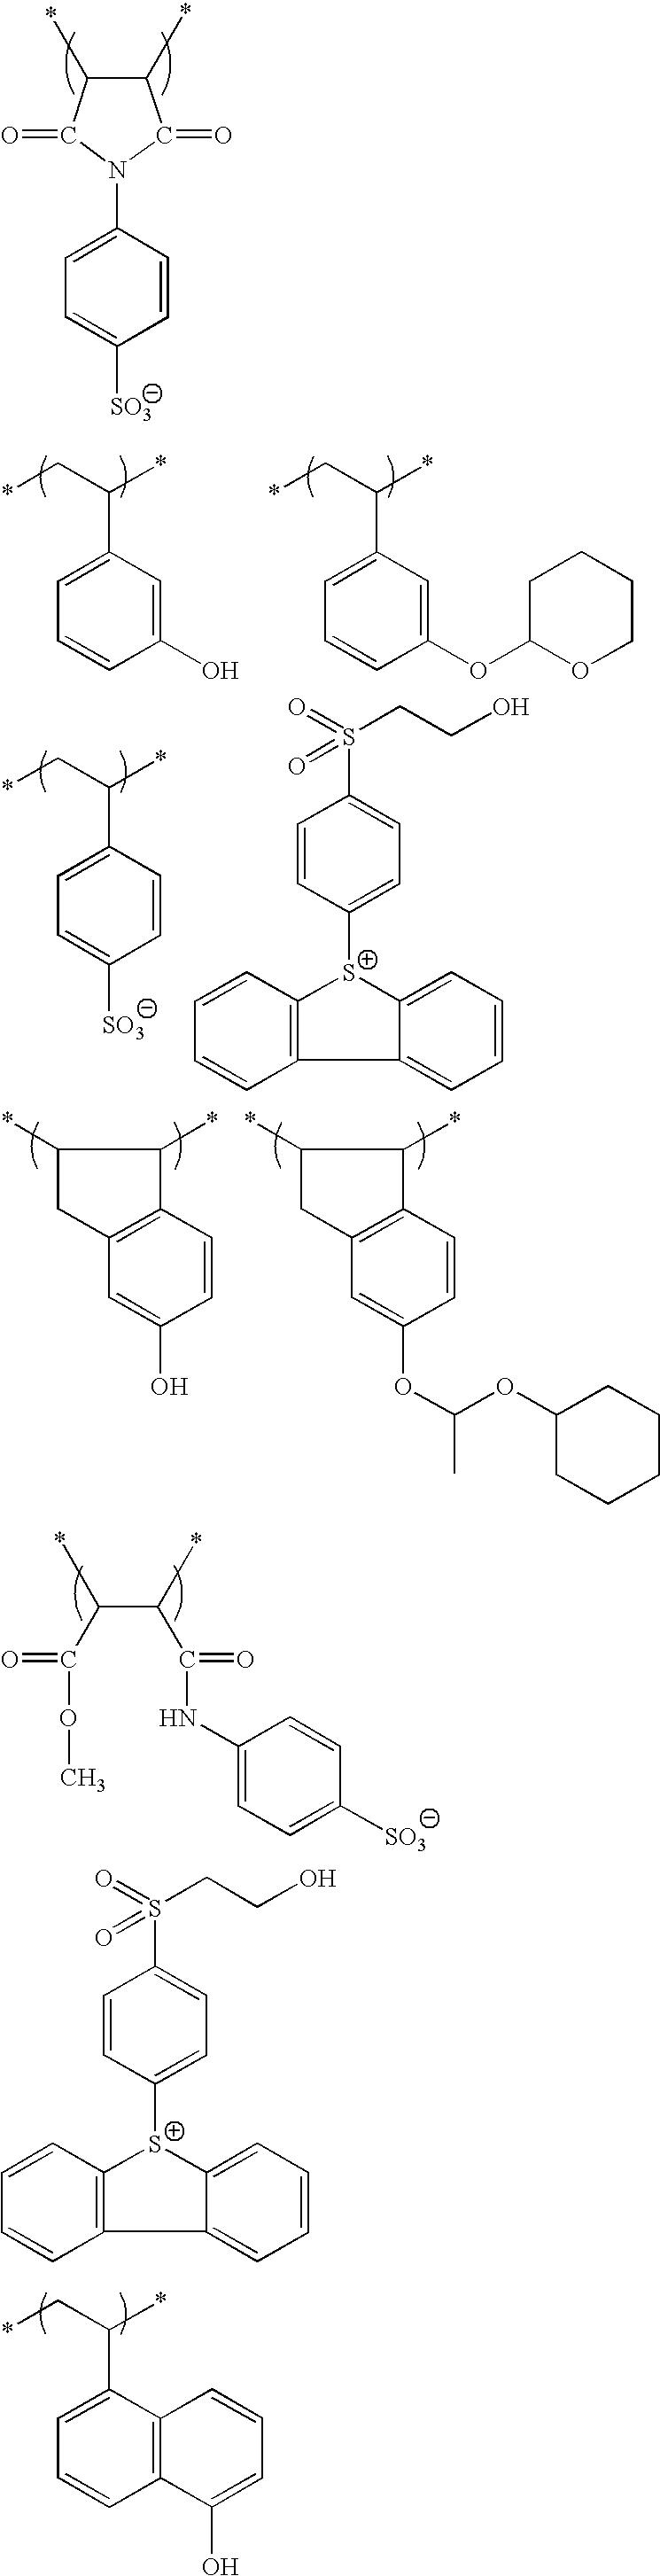 Figure US20100183975A1-20100722-C00184